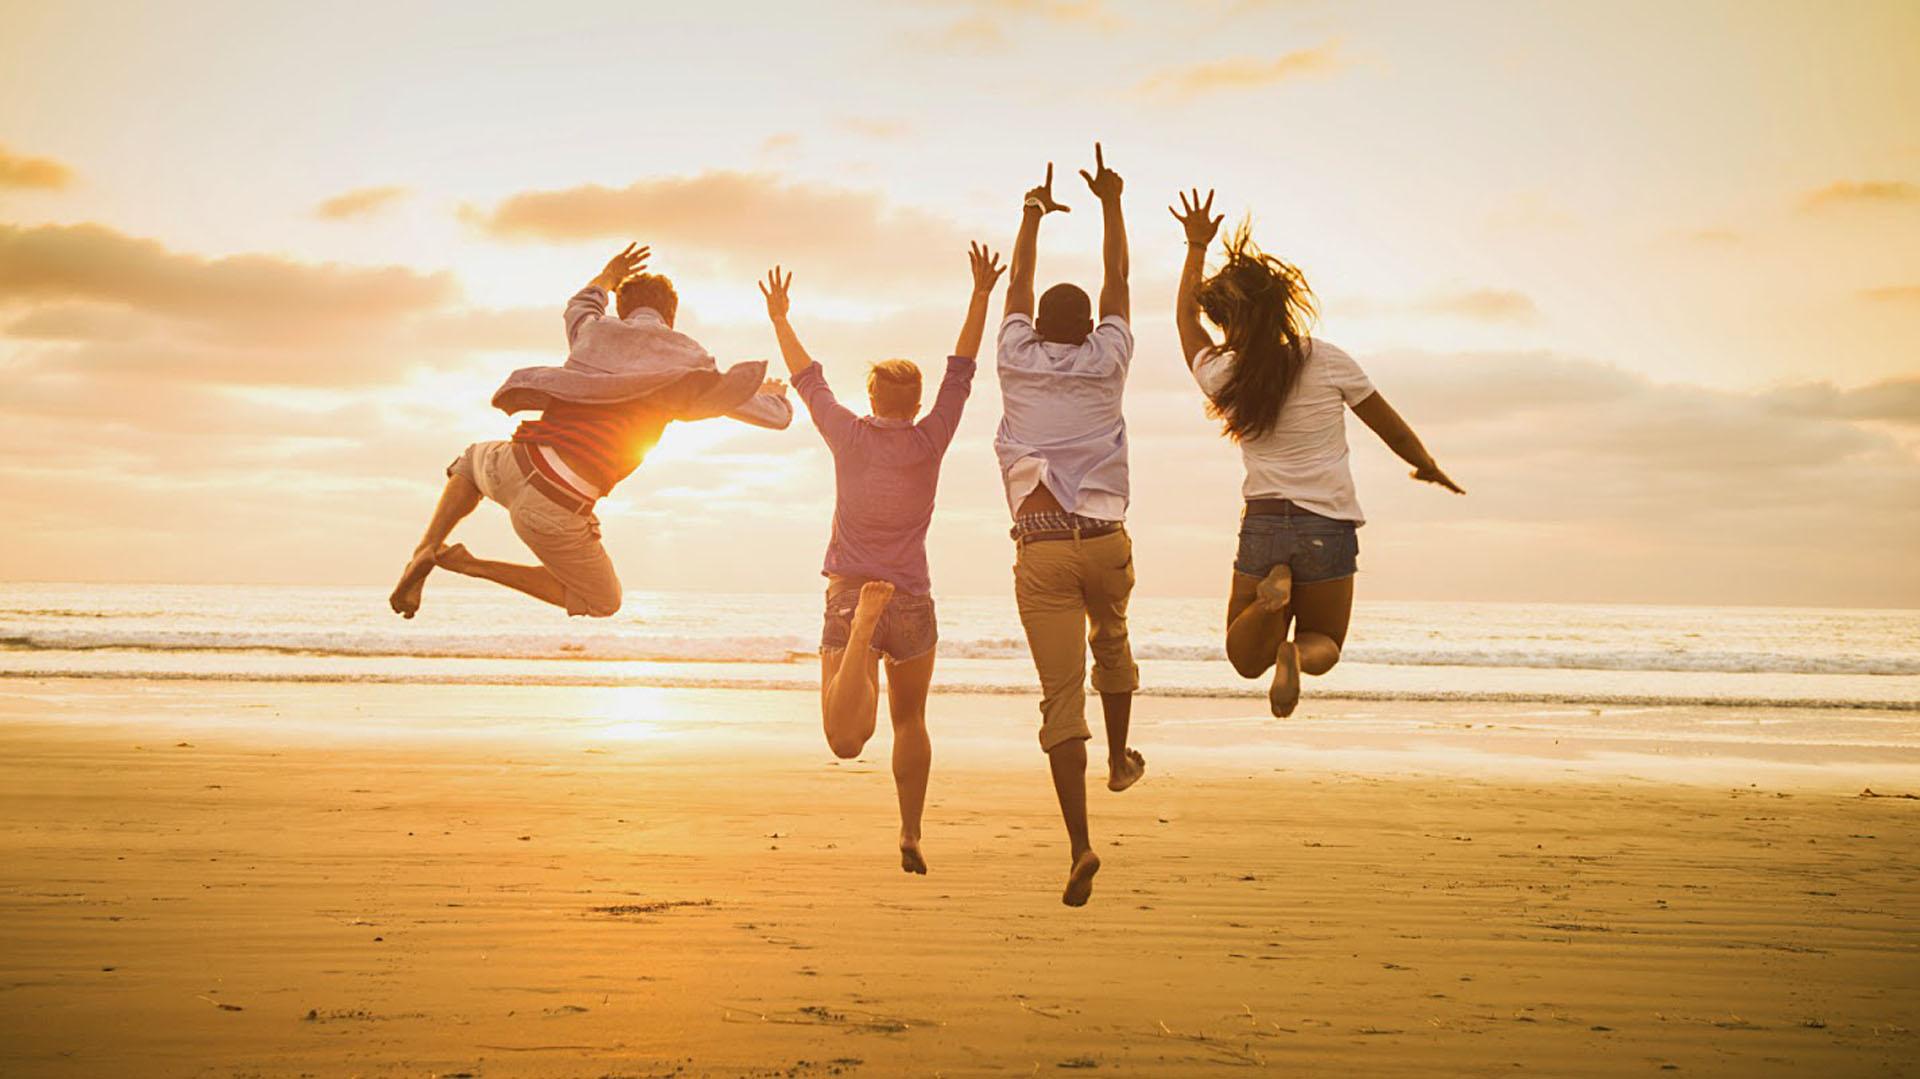 Aprender a vivir bien, la clave para una vida plena y una mentalidad que apunta hacia el bienestar